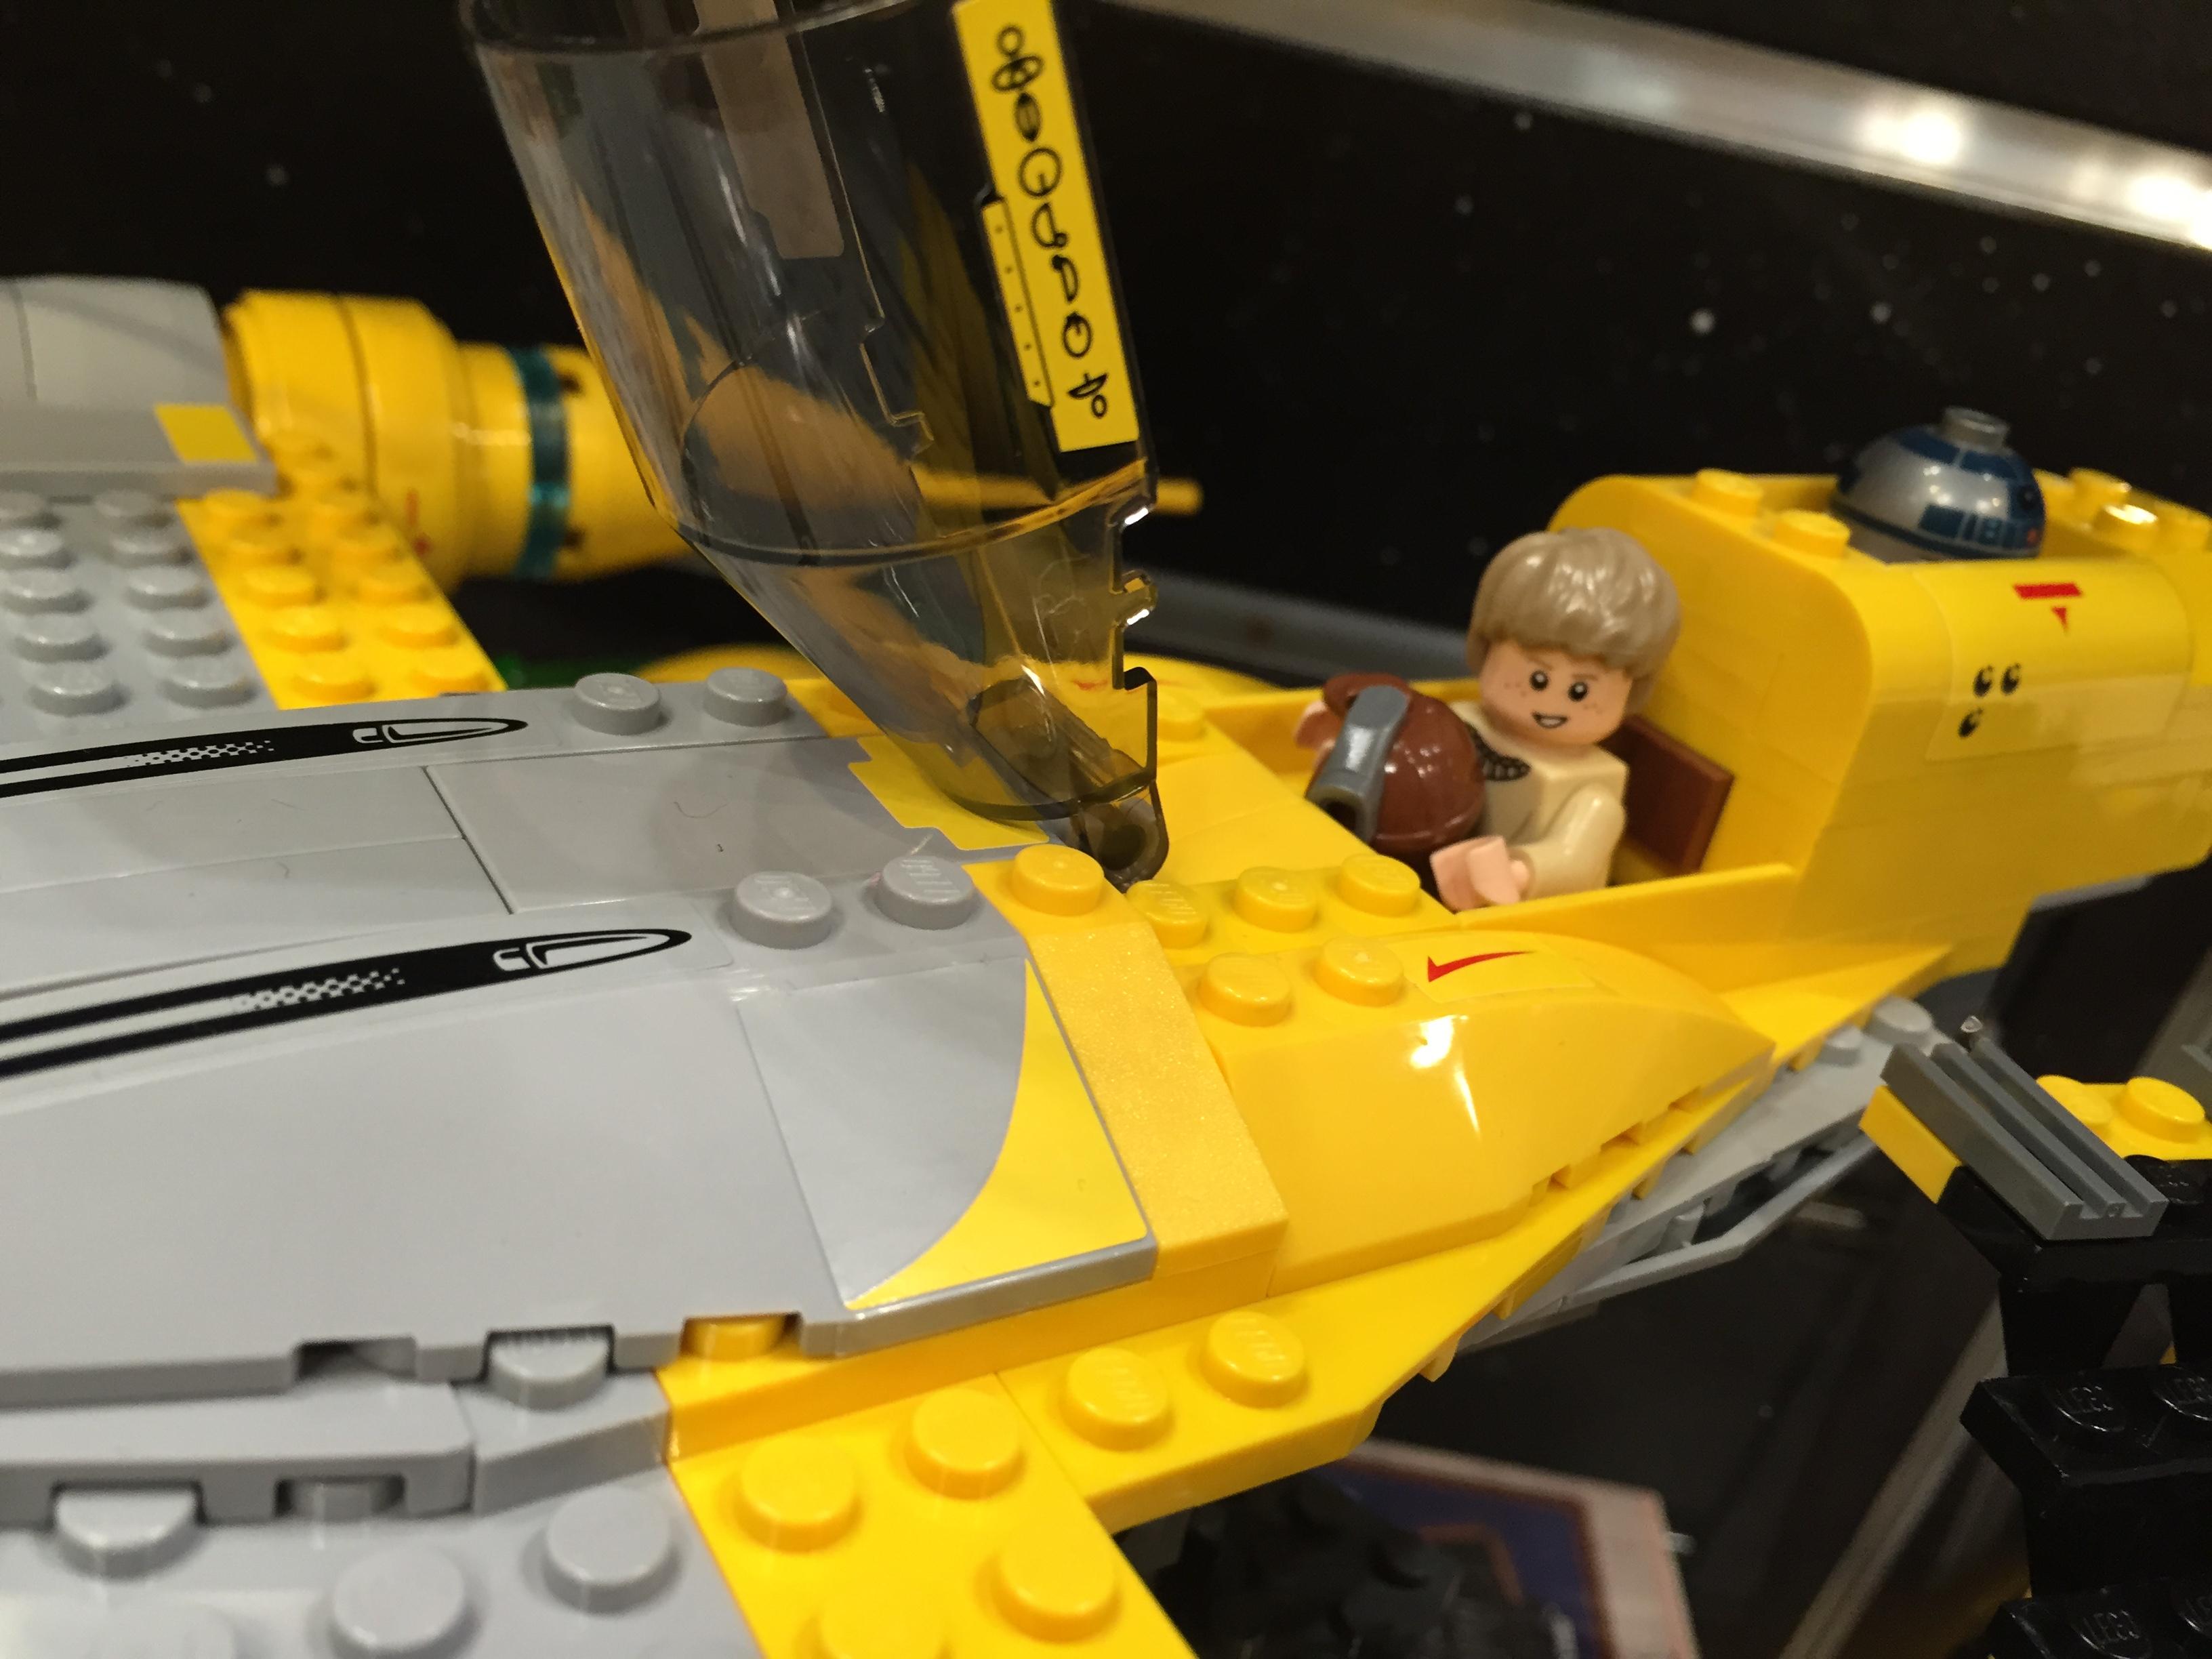 Lego star wars summer 2015 sets naboo starfighter preview - Lego star wars vaisseau anakin ...